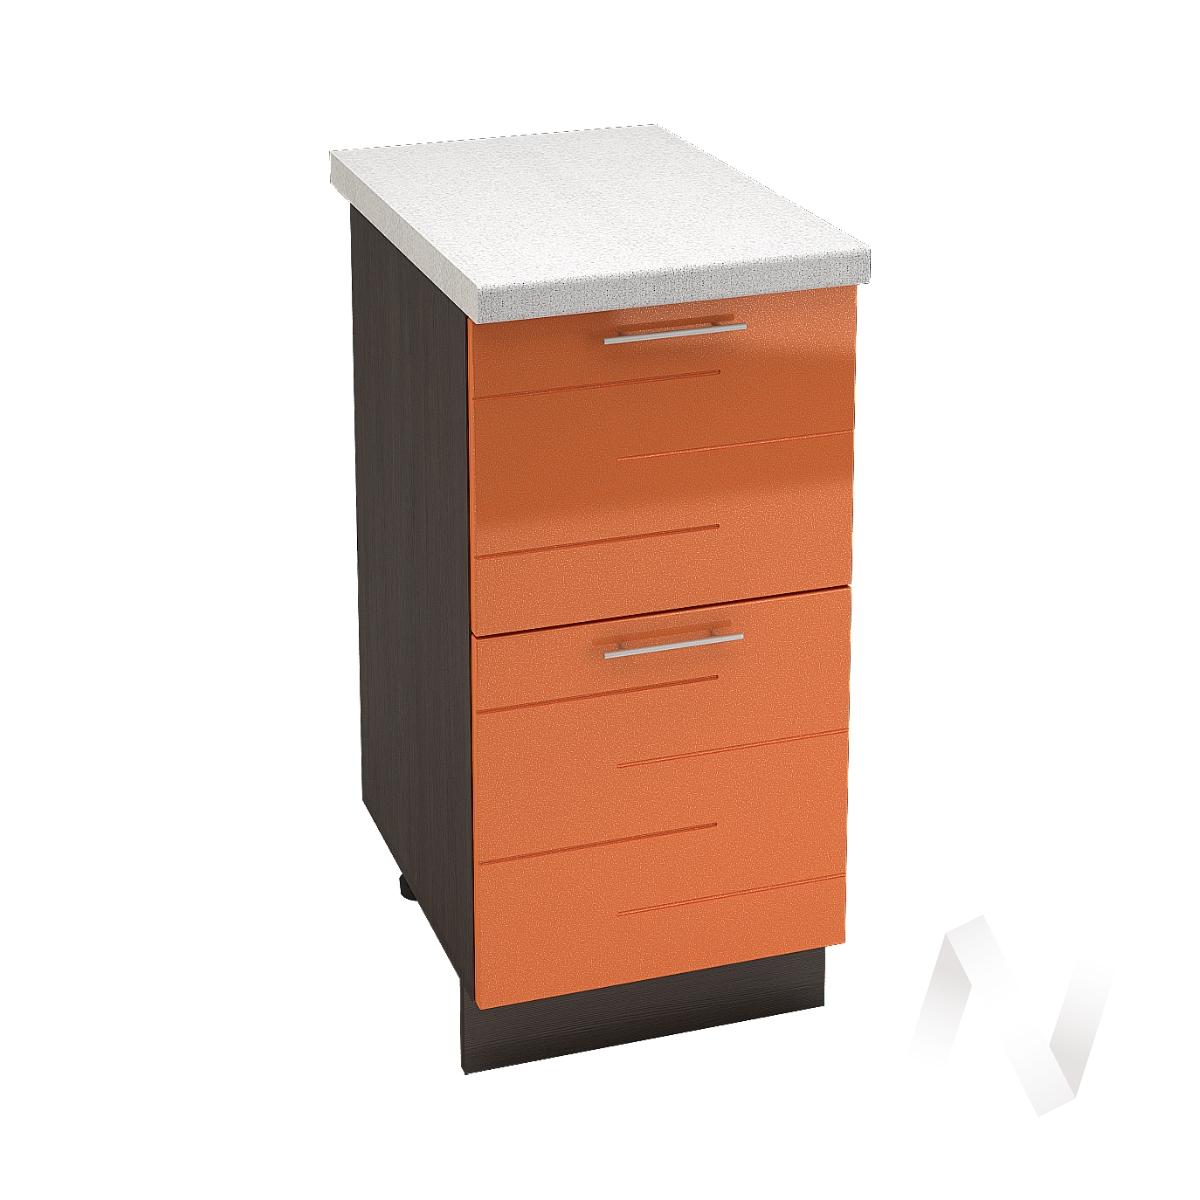 """Кухня """"Техно"""": Шкаф нижний с 2-мя ящиками 400, ШН2Я 400 (корпус венге)"""